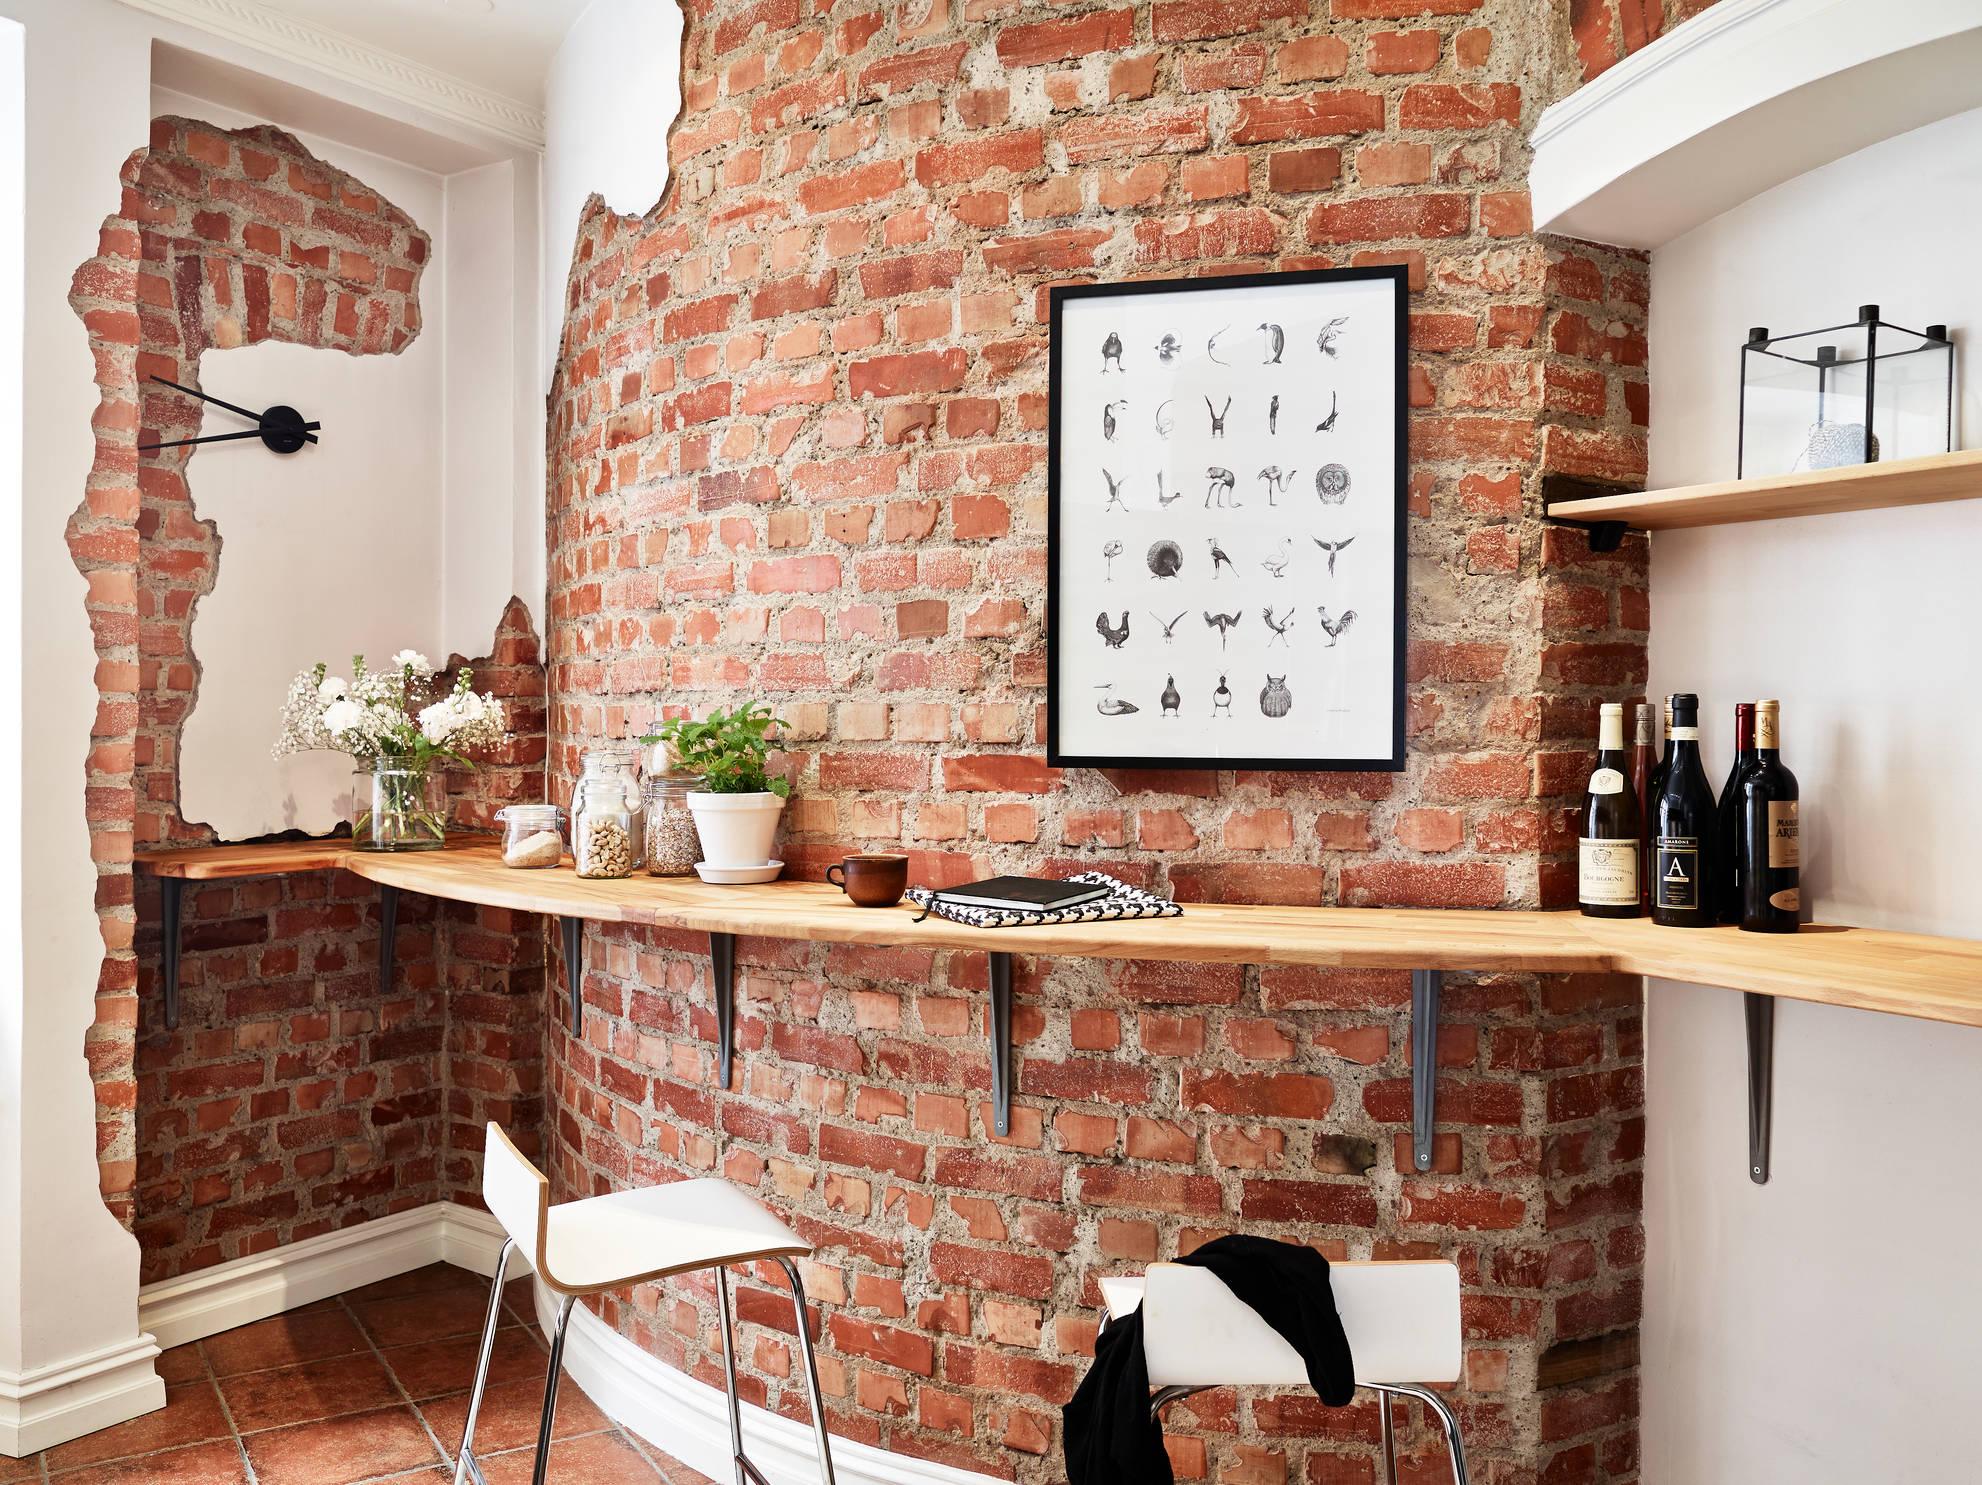 Łuk w kuchni z cegły porozbiórkowej